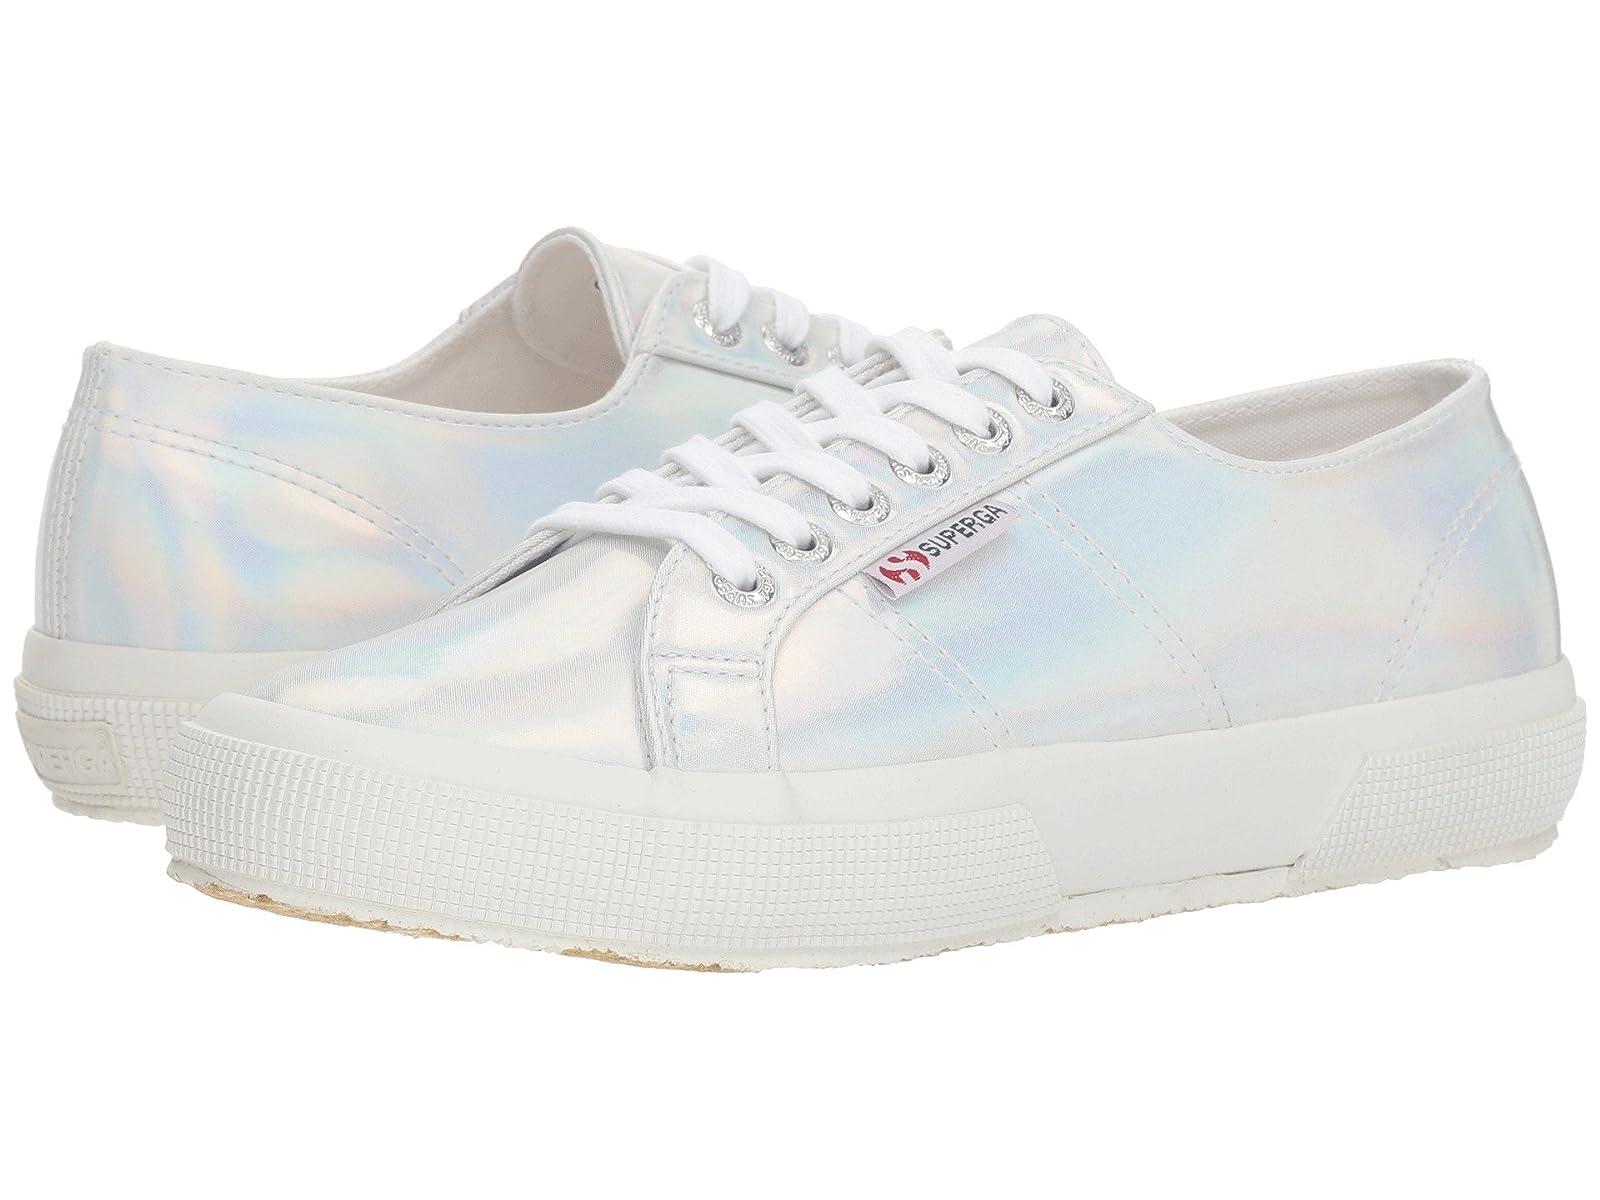 Superga 2750 HologramAtmospheric grades have affordable shoes